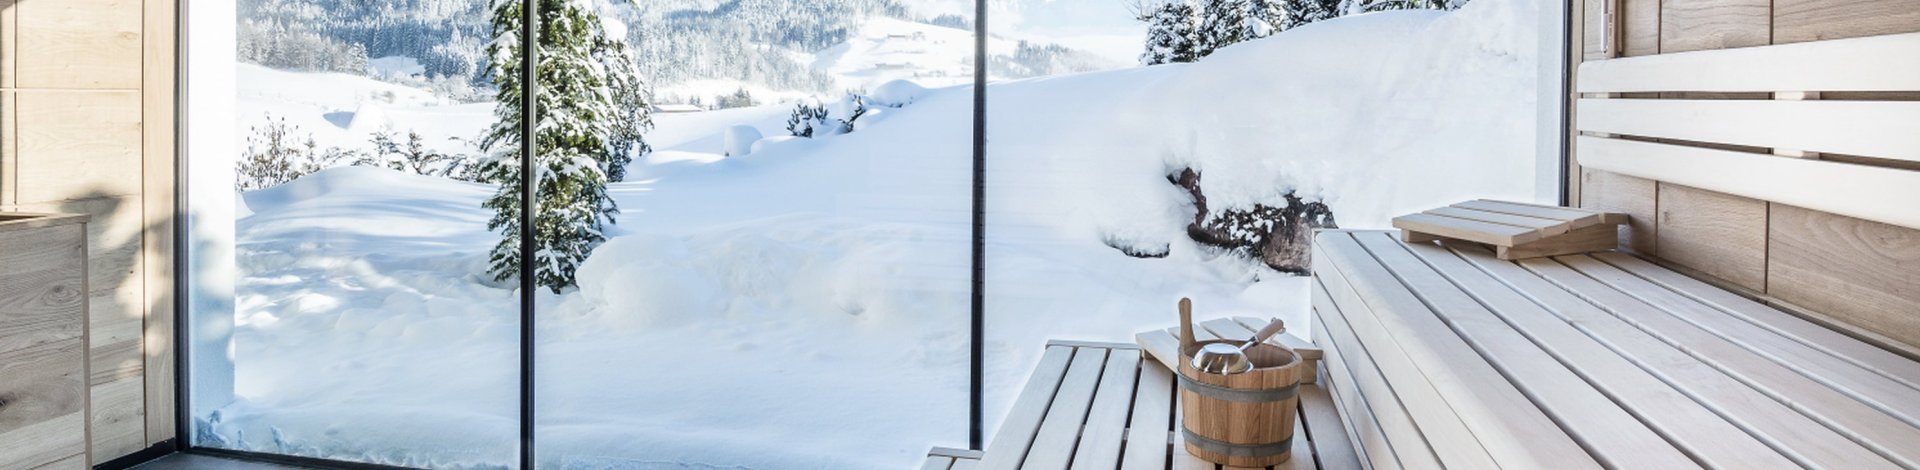 Wellnesshotels: Hotel Puradies in Leogang, mit Sauna und Blick auf Schneelandschaft